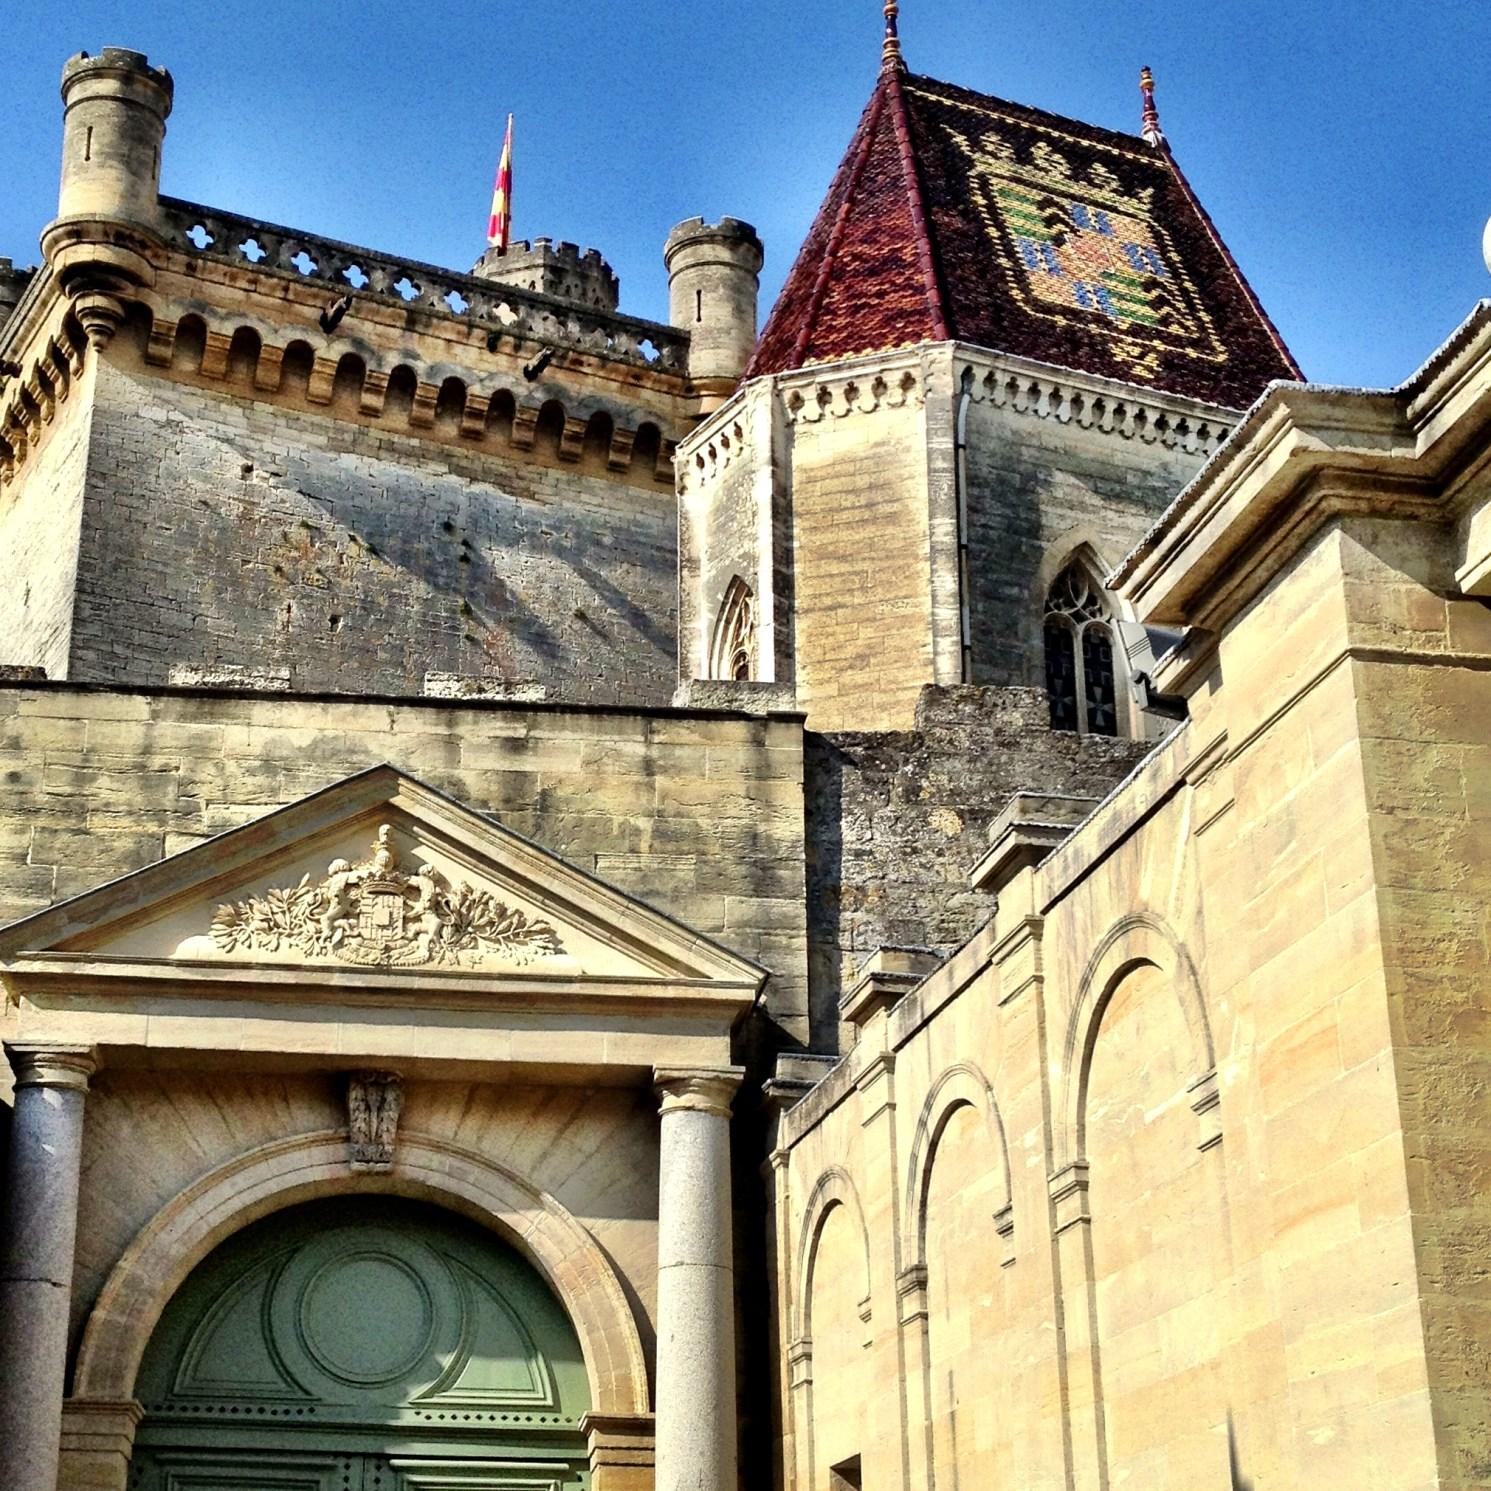 Place du Duché in Uzes, France